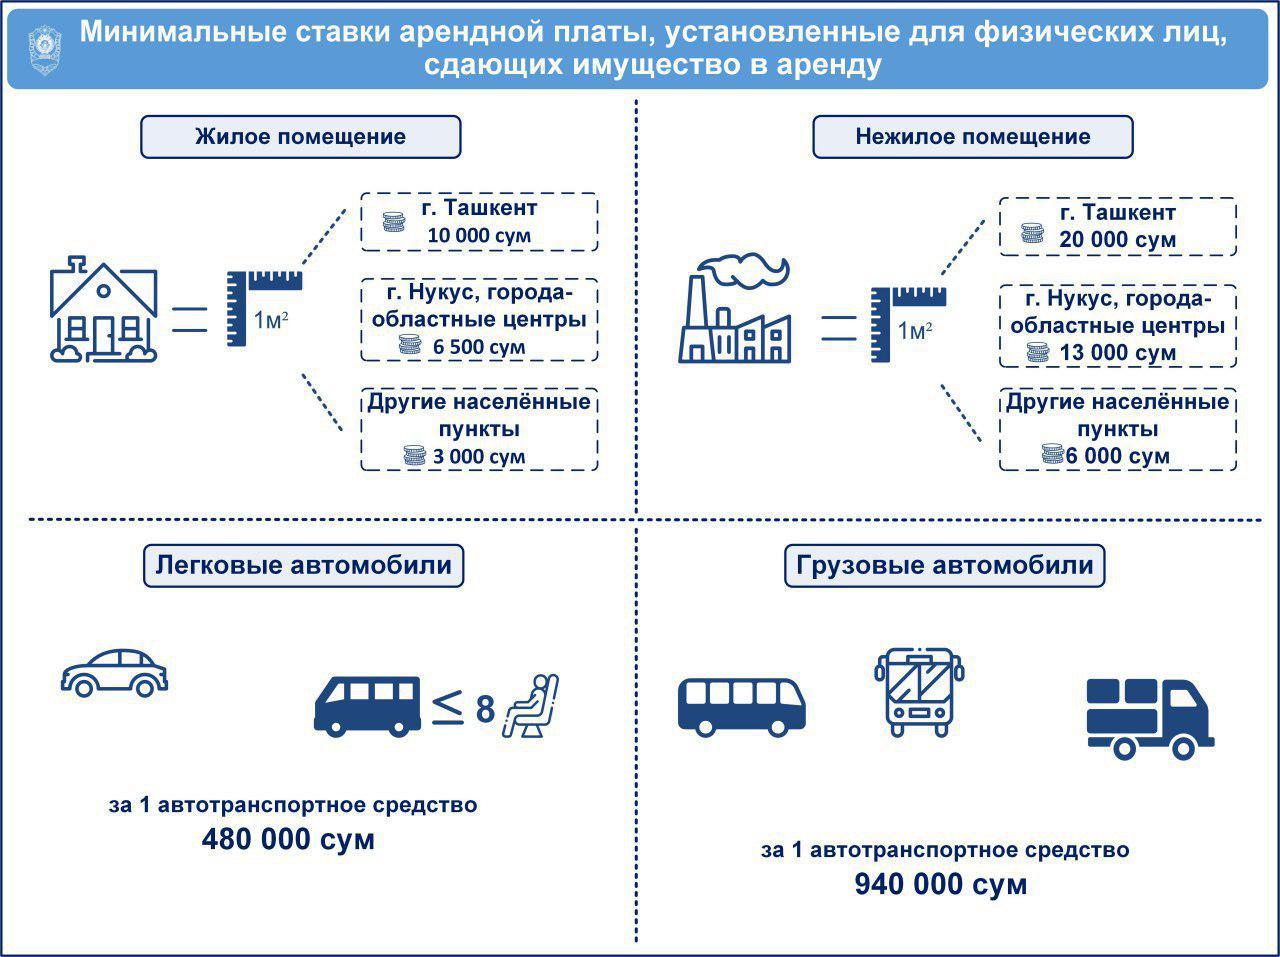 образец договора аренды нежилого помещения в узбекистане